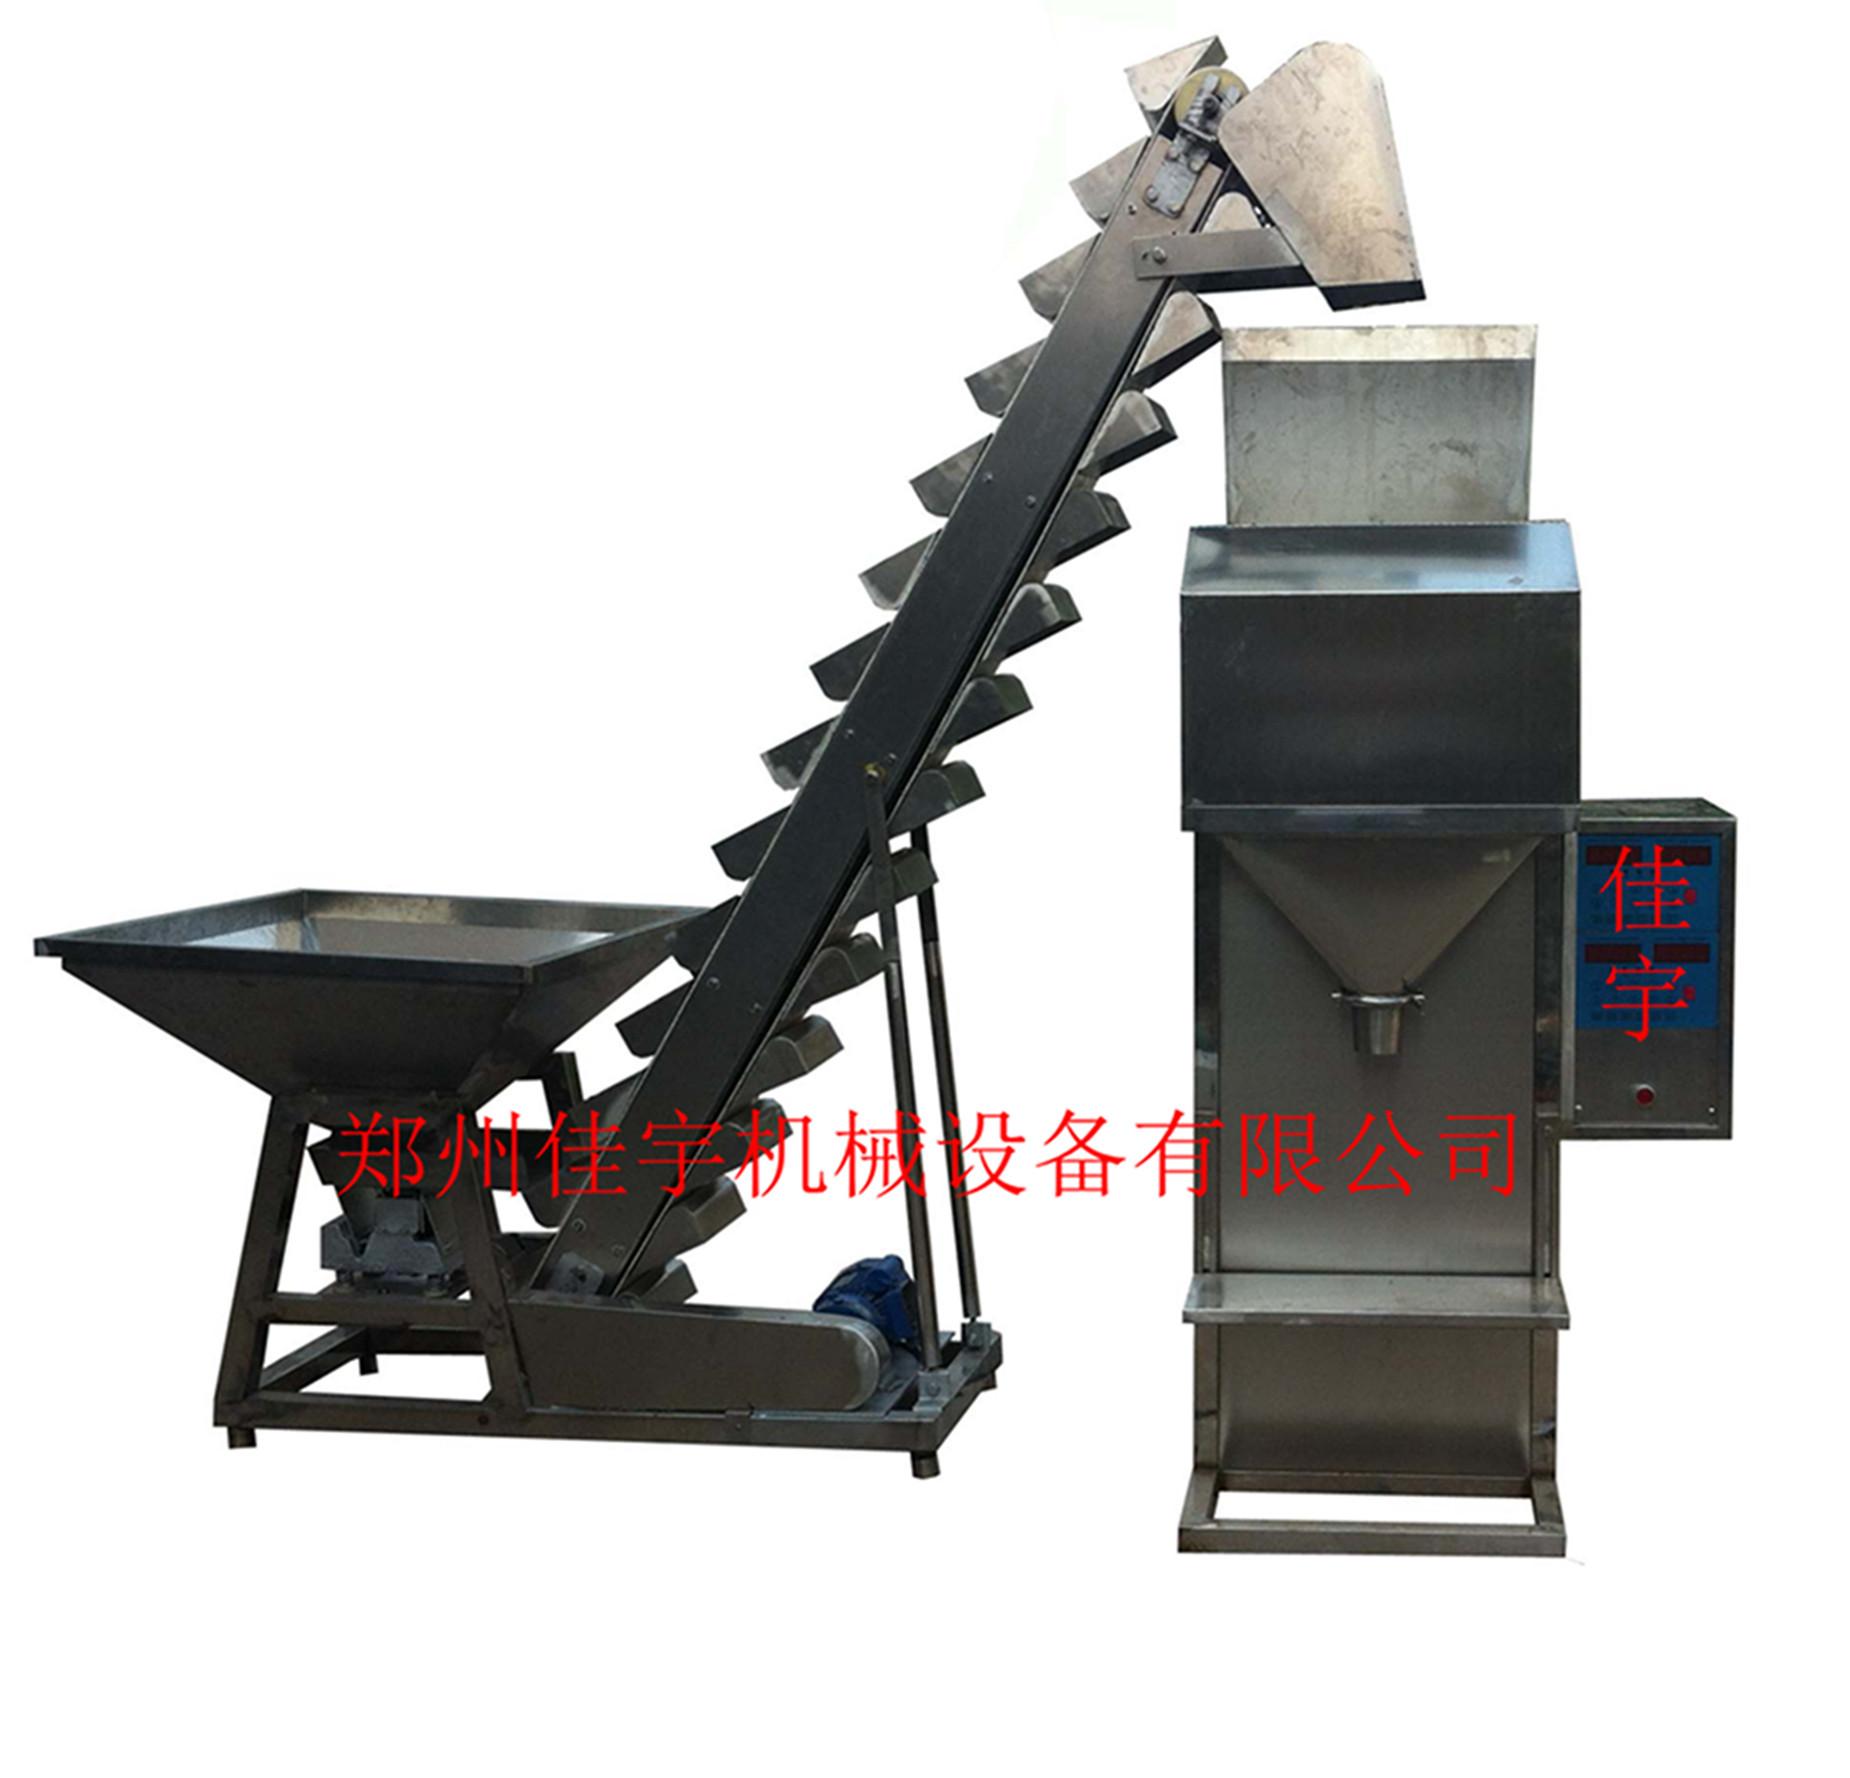 贵州六盘山专业颗粒包装称厂食品颗粒包装机械的特点及发展方向